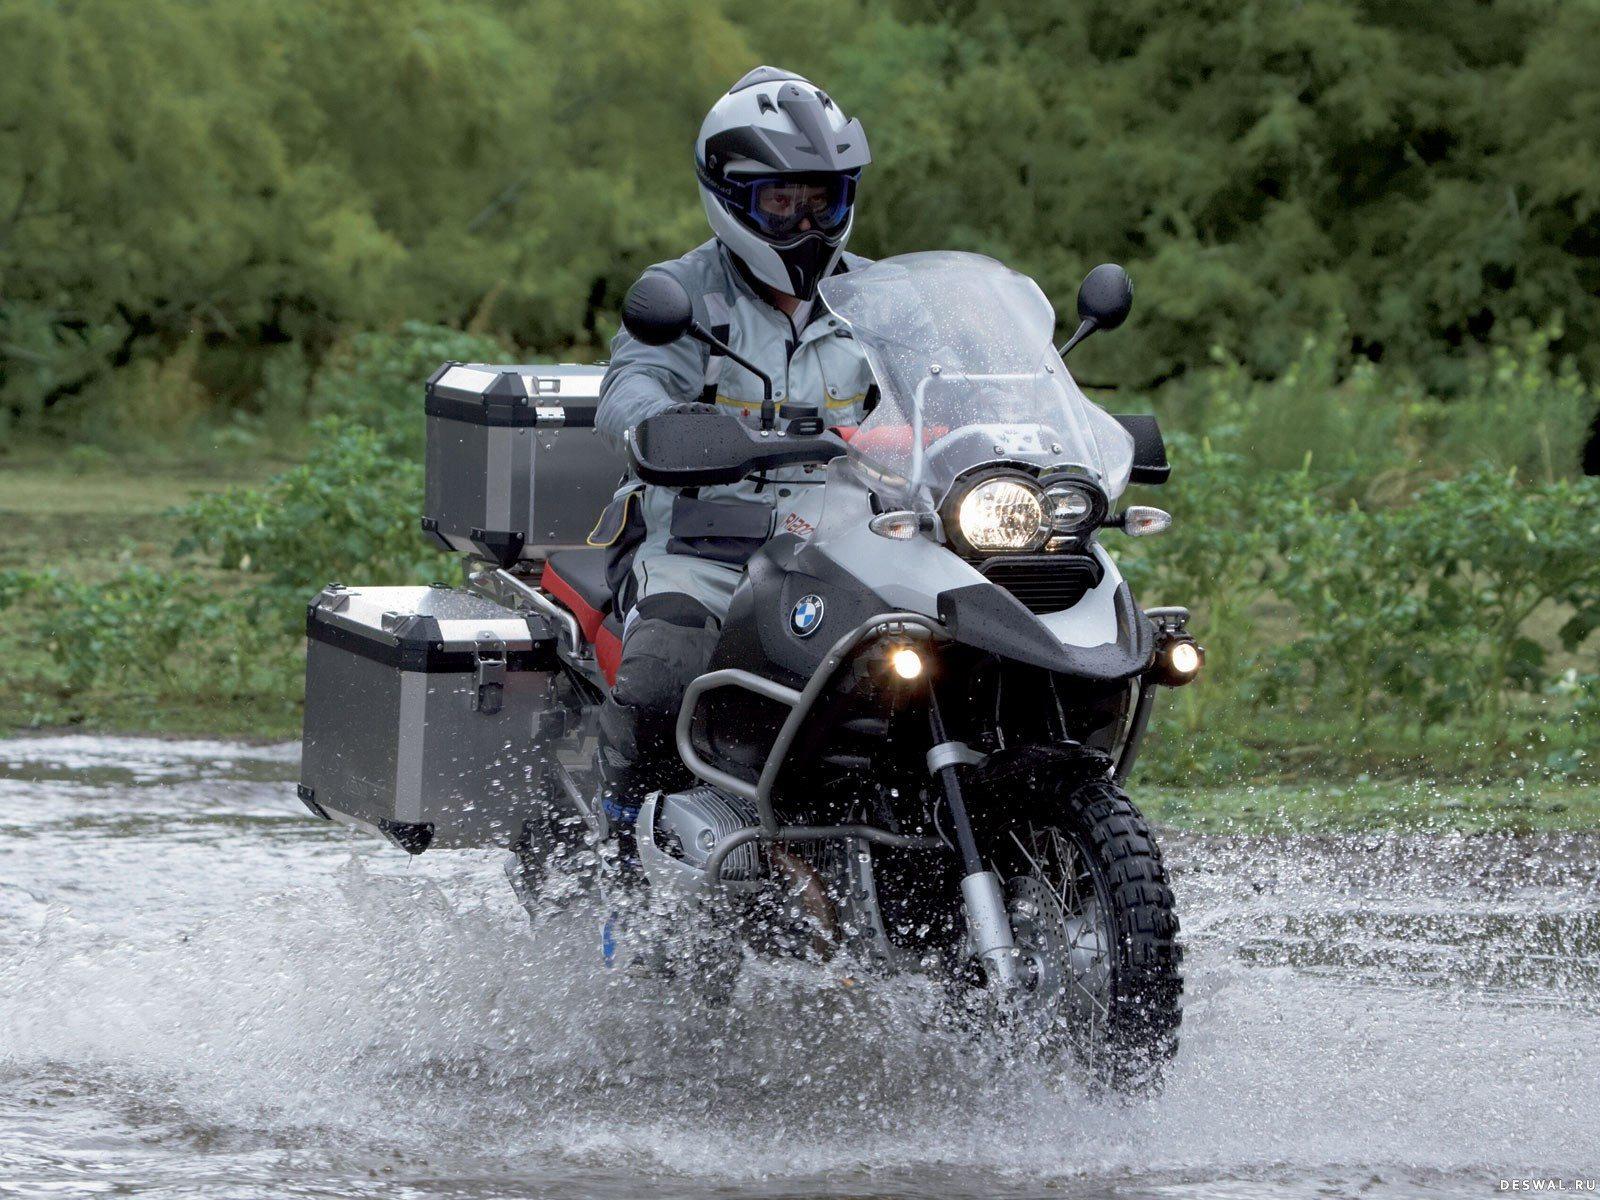 дальнейшем военные фото на мотоцикле бмв в селе она обязана